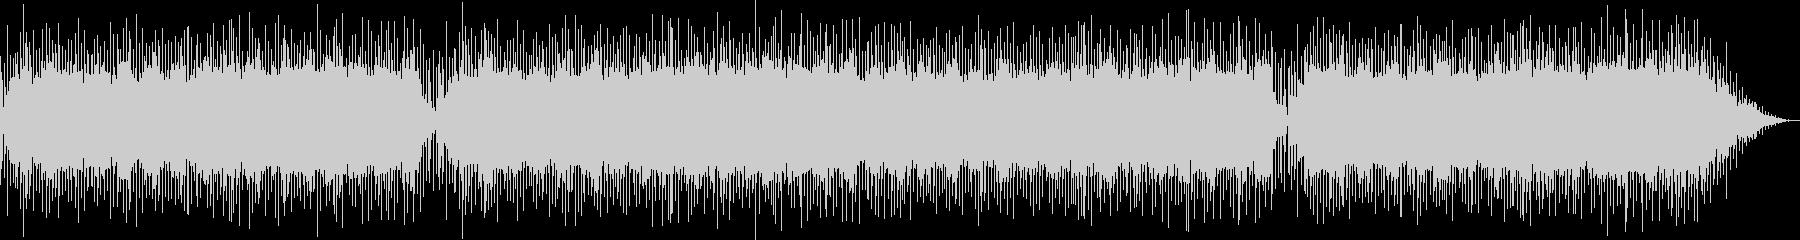 幻想的なフィーリングミュージックの未再生の波形